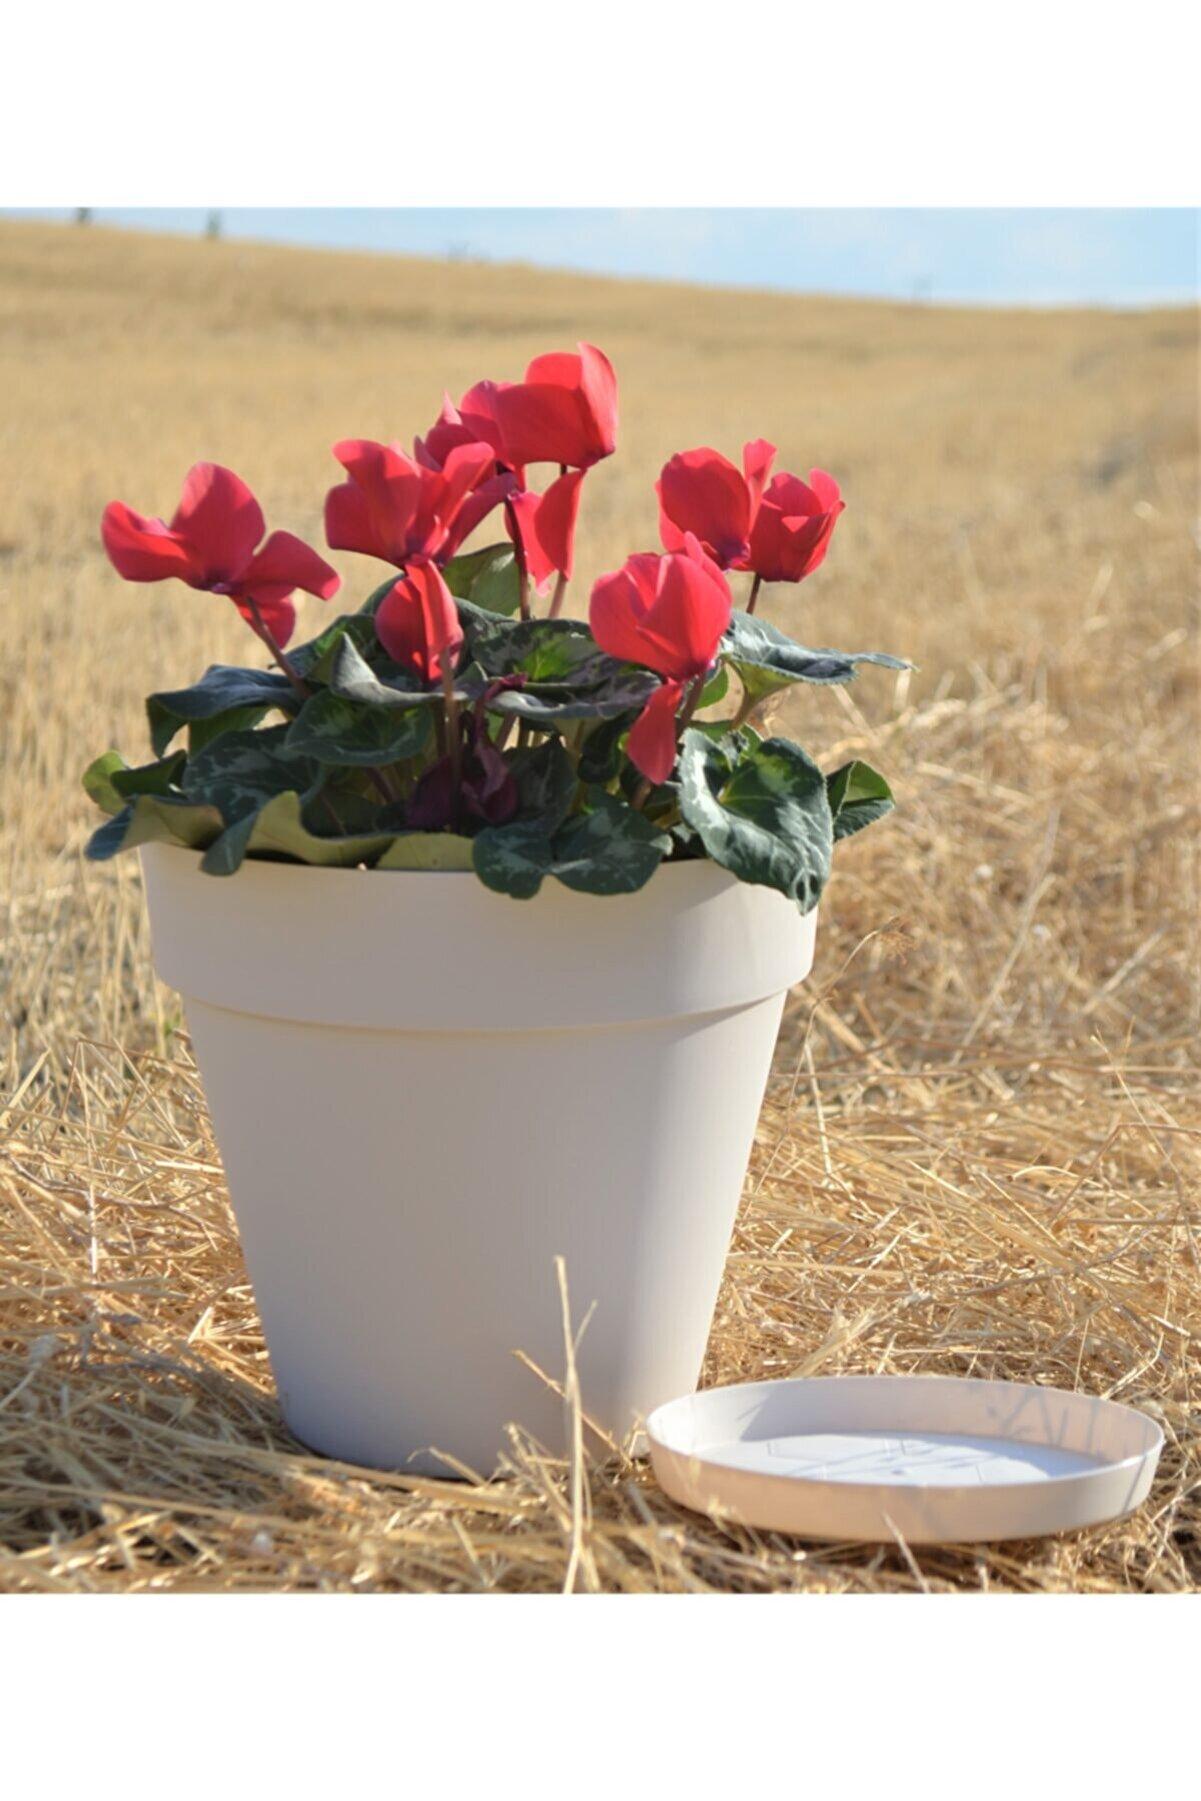 Ekodoğa Yalı Saksı 6 Lt 1 Adet Krem Saksı Renkli Saksı Plastik Saksı Çiçek Saksısı Tabaklı Saksı